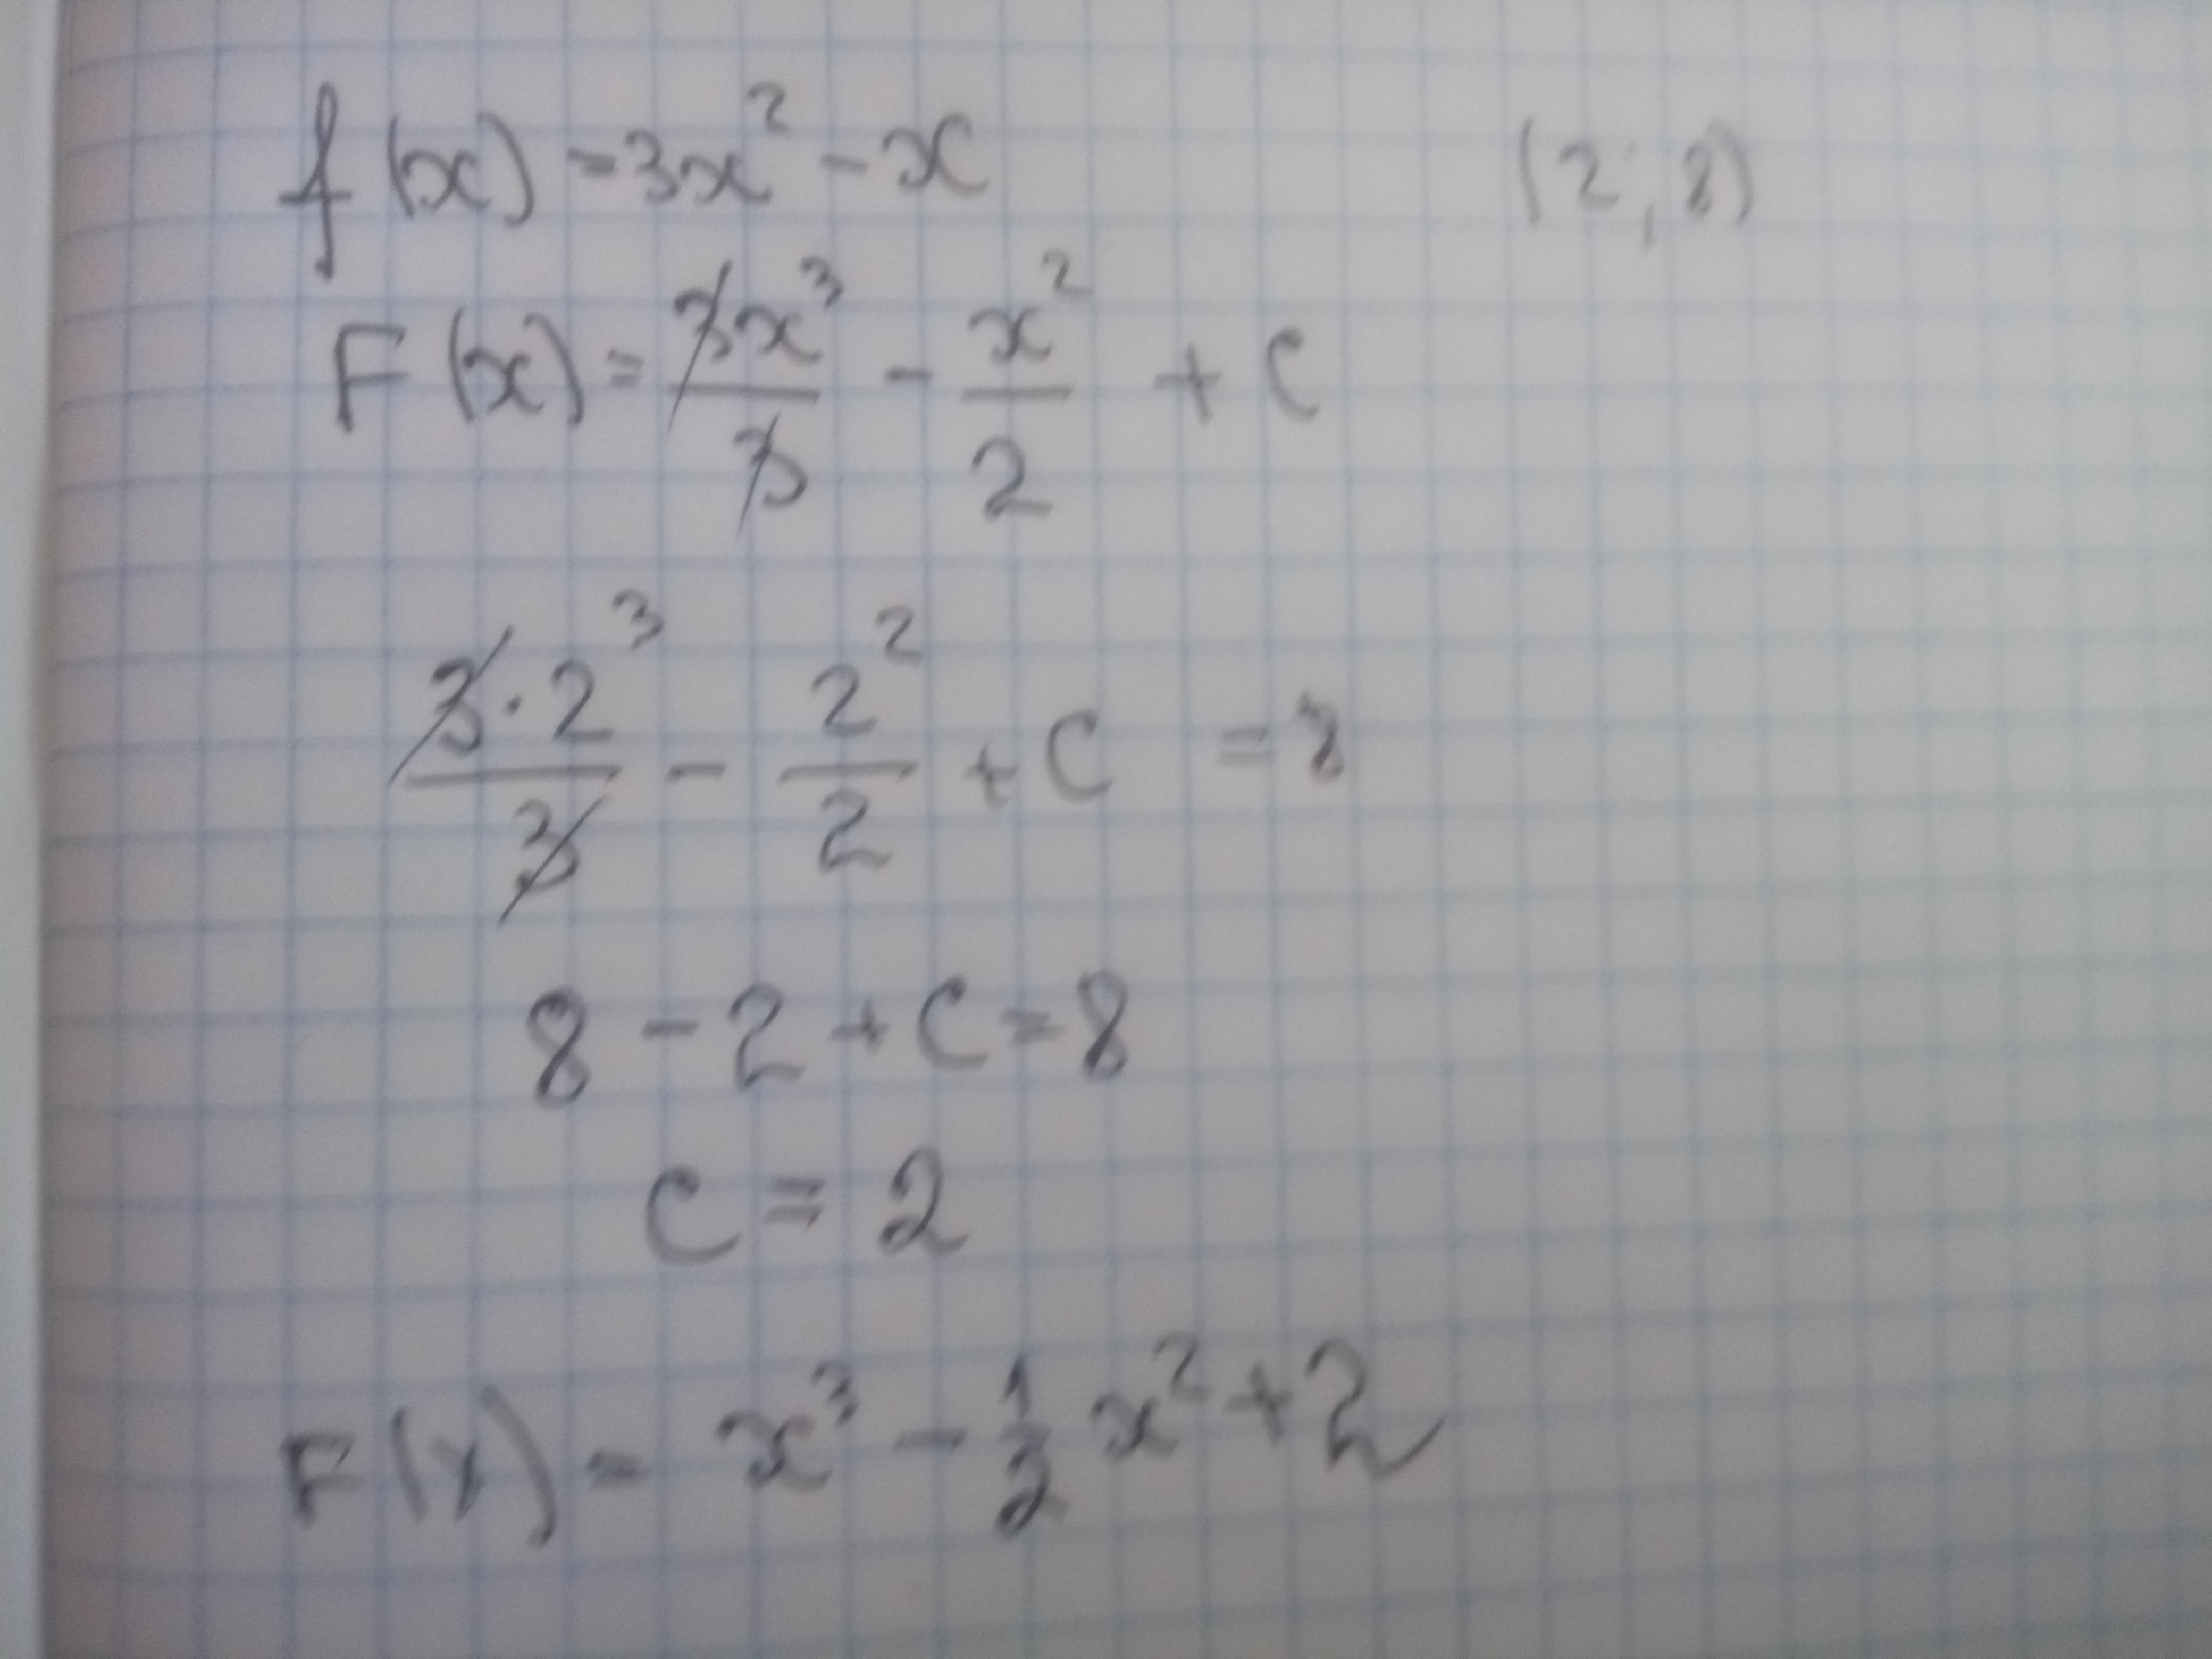 Найти первообразную функции f(x)=3x^2-x,график